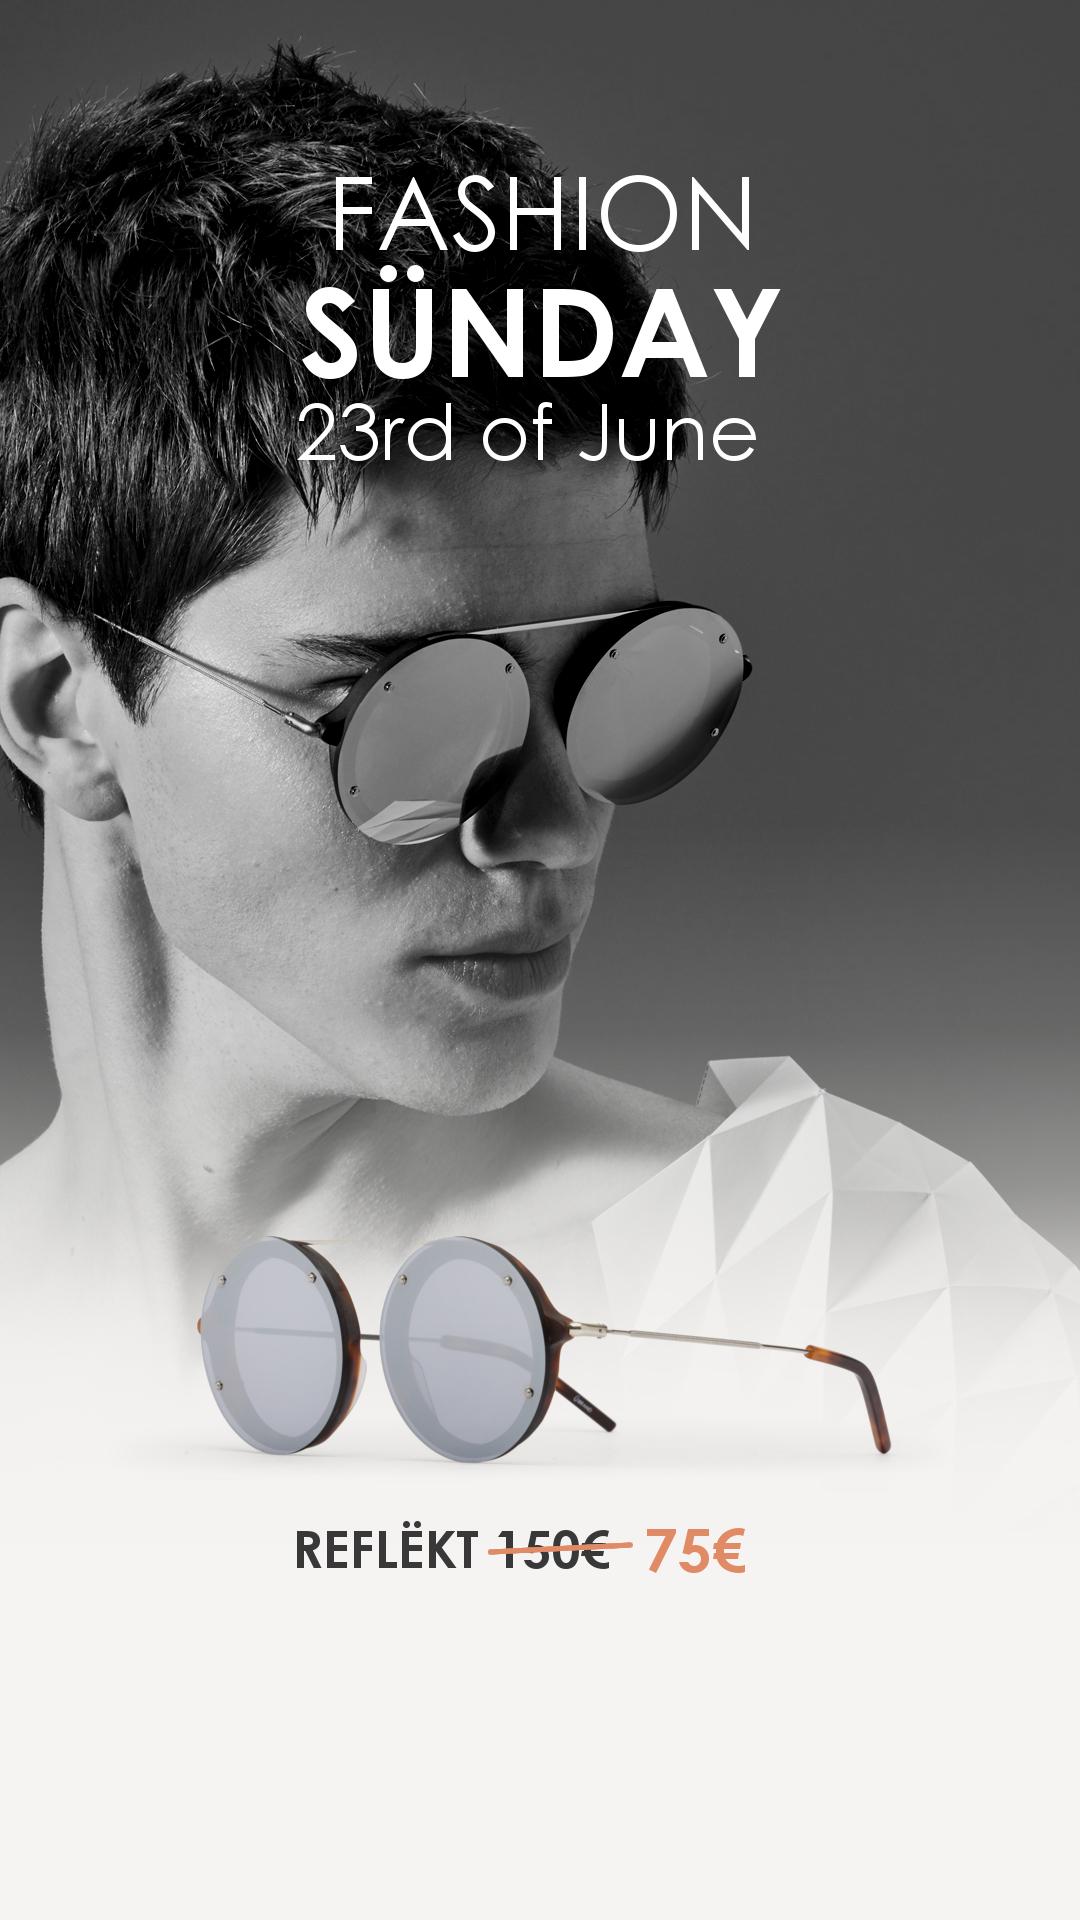 ada623416a Ü Brand: 50% de descuento en todas sus gafas de sol este domingo